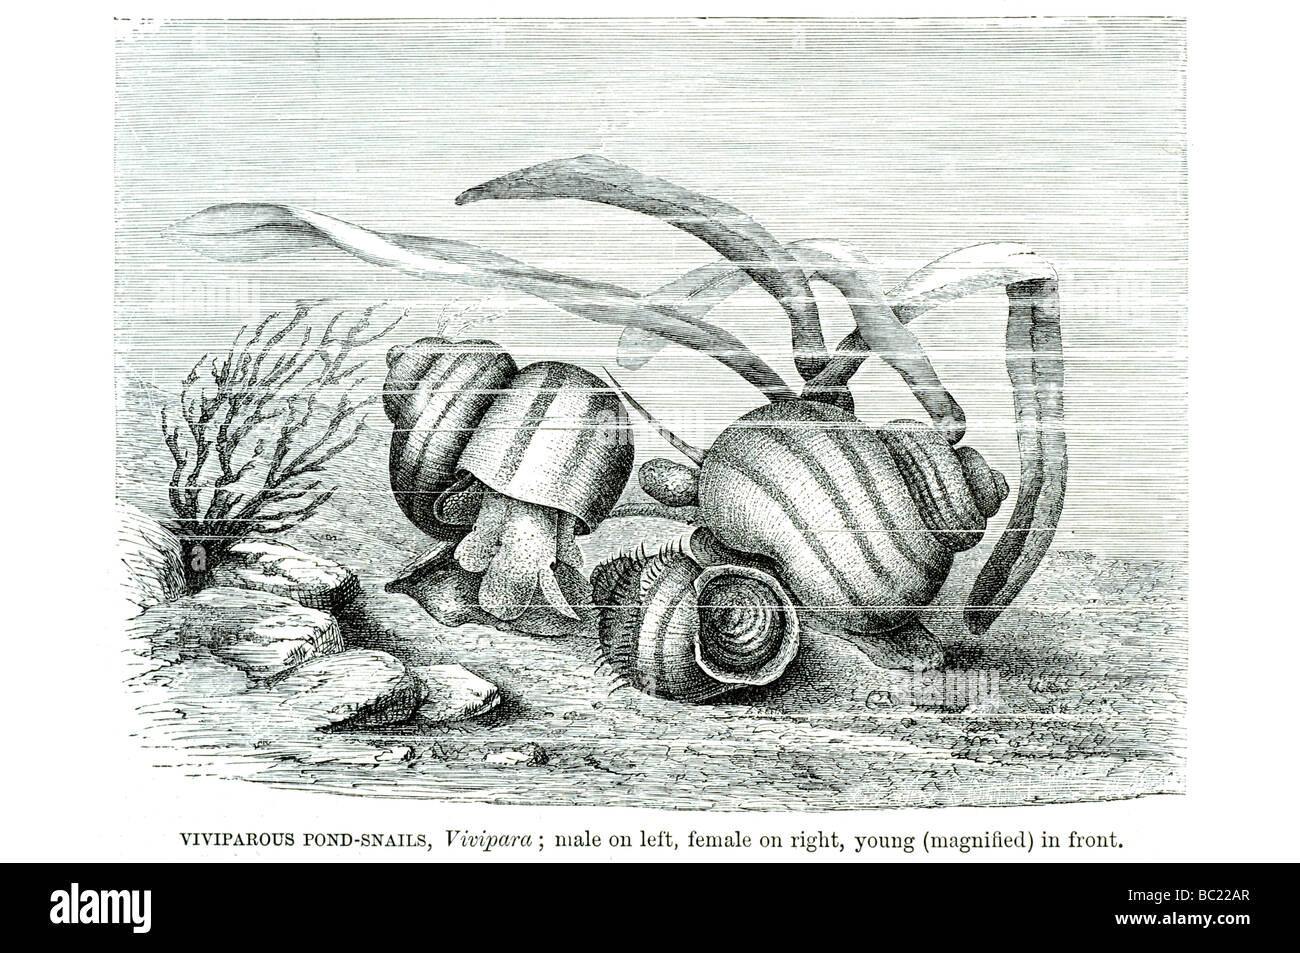 Ausgezeichnet Männlich Reproduktion Fotos - Anatomie Ideen - finotti ...